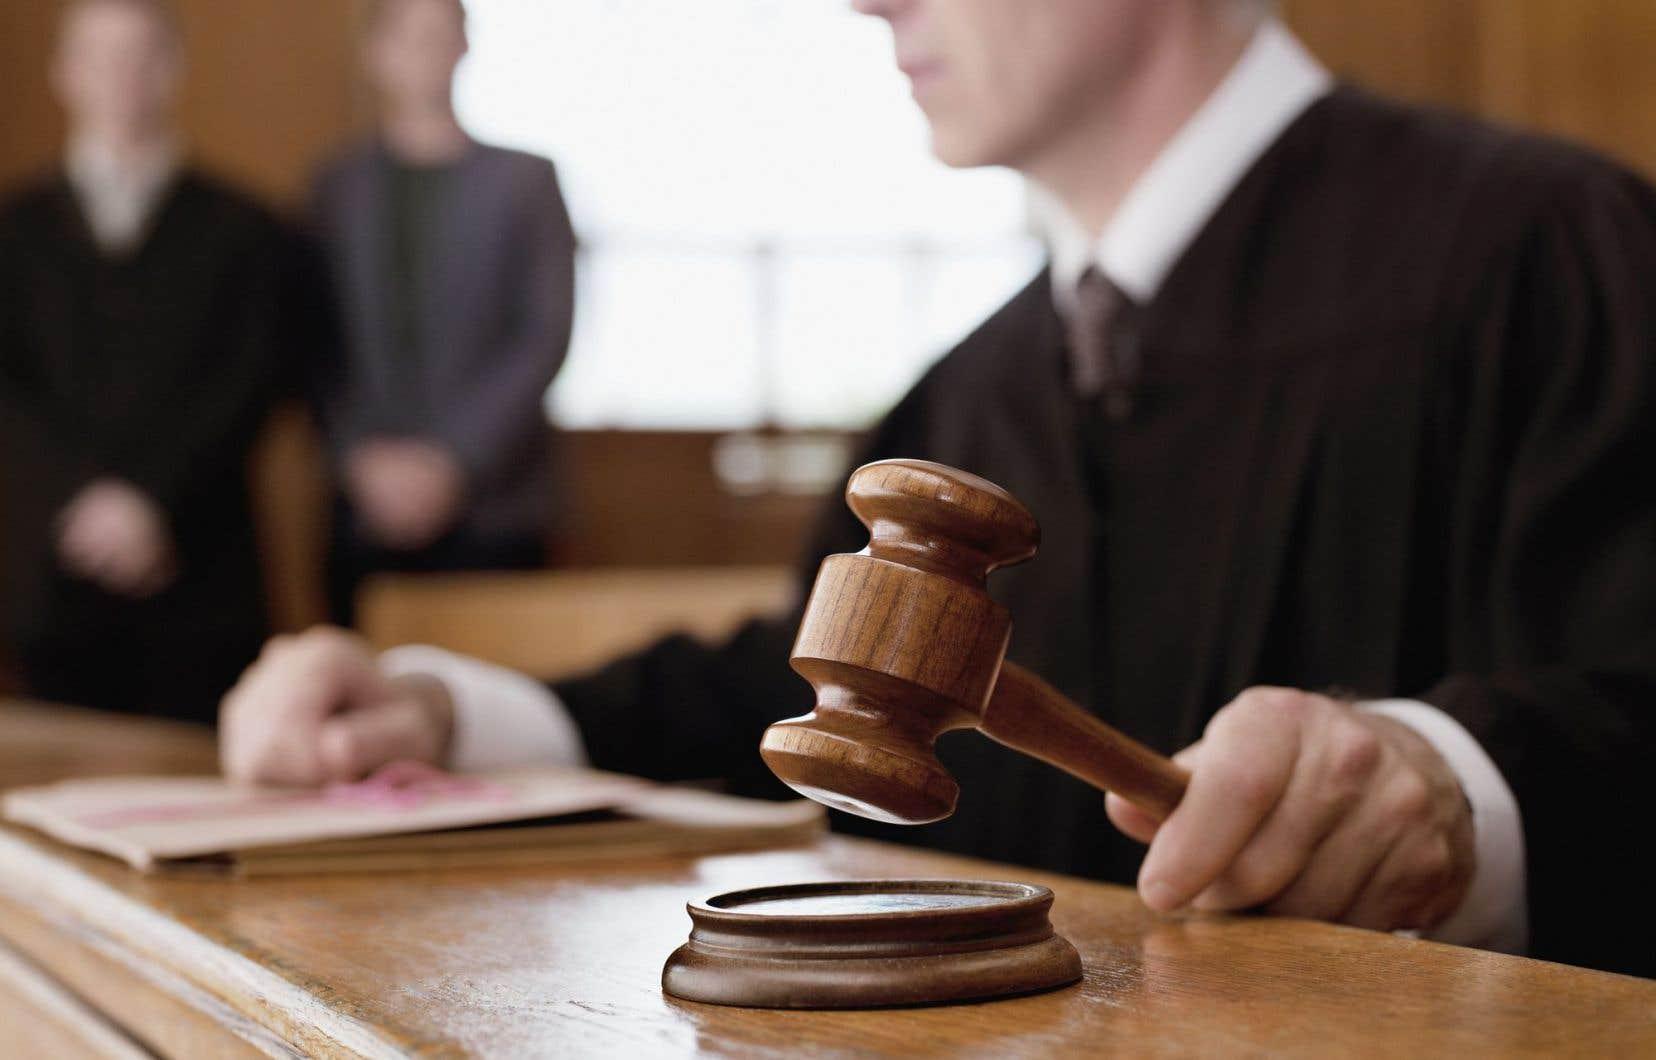 On ne comprend pas le désir de Charles Taylor de permettre aux juges de porter des signes religieux.